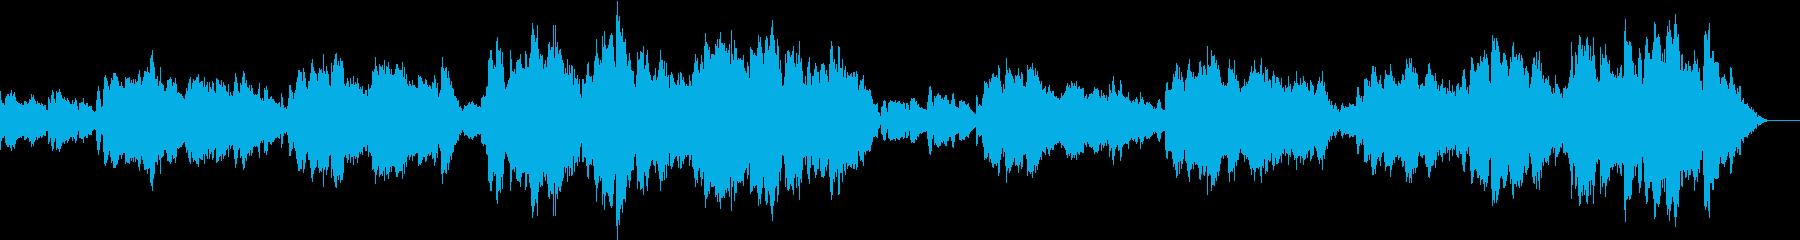 ジムノペディ第1番 エレピ サックスの再生済みの波形